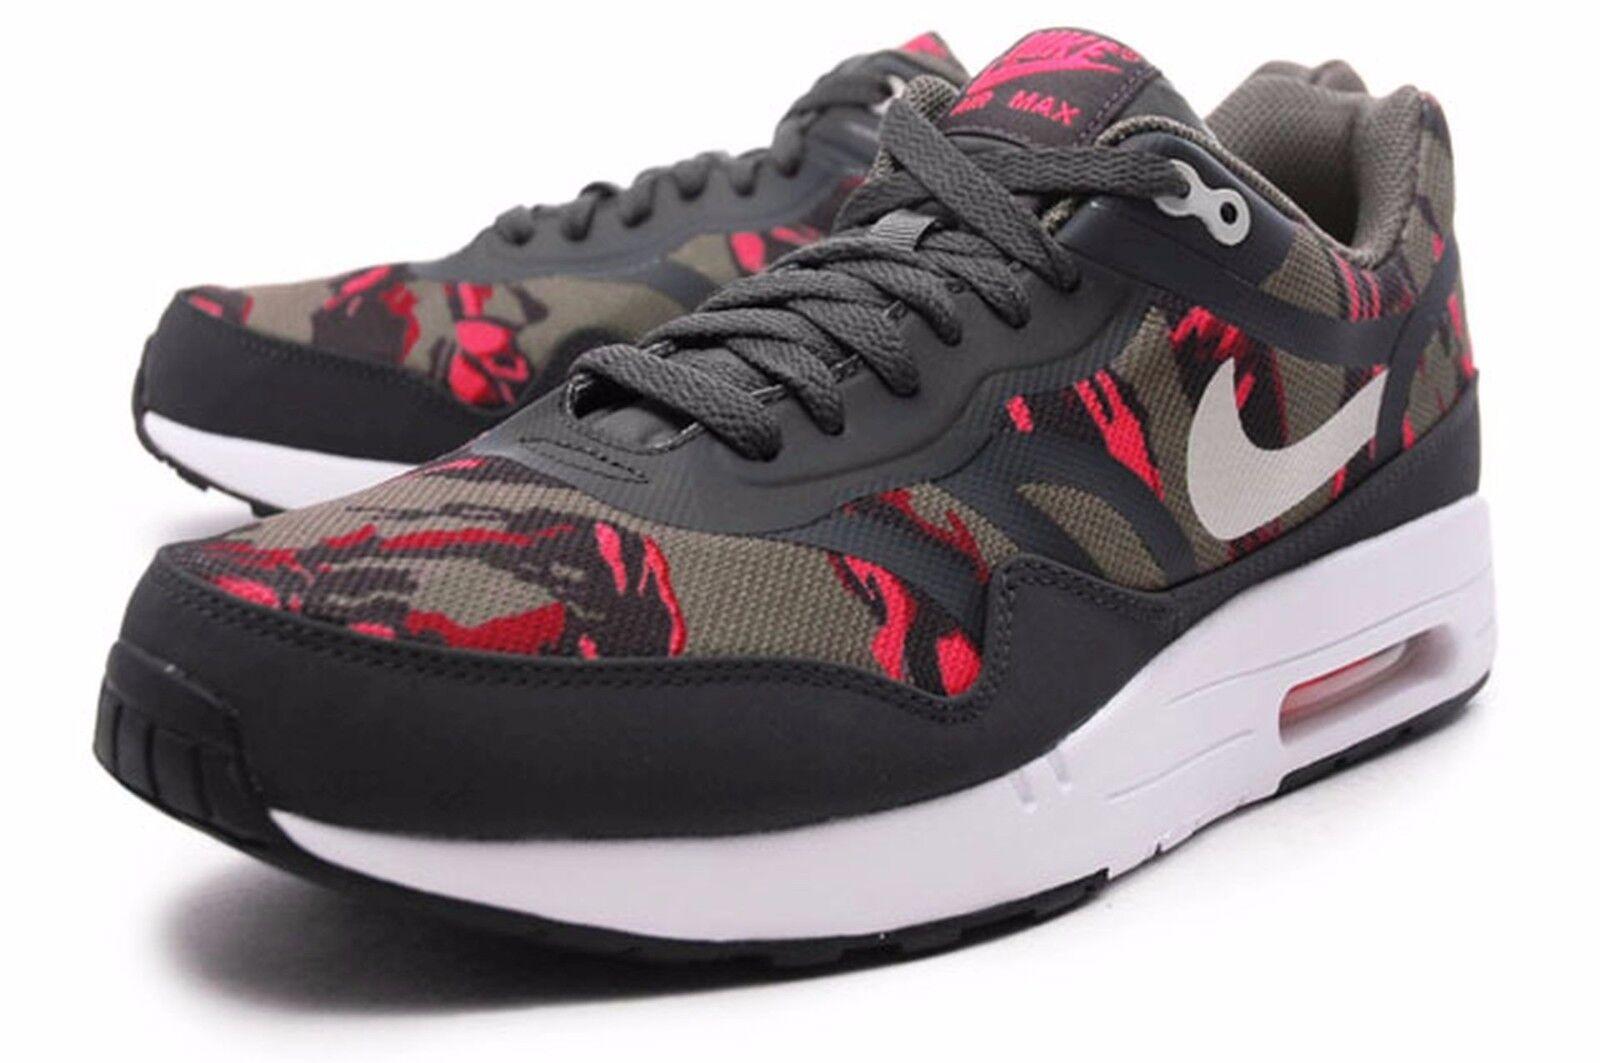 Nike Air Max 1 PRM TAPE Sz 11.5 599514-206 Mens Atomic Camo Pack Petra Brown Atomic Mens Red 5c7d57